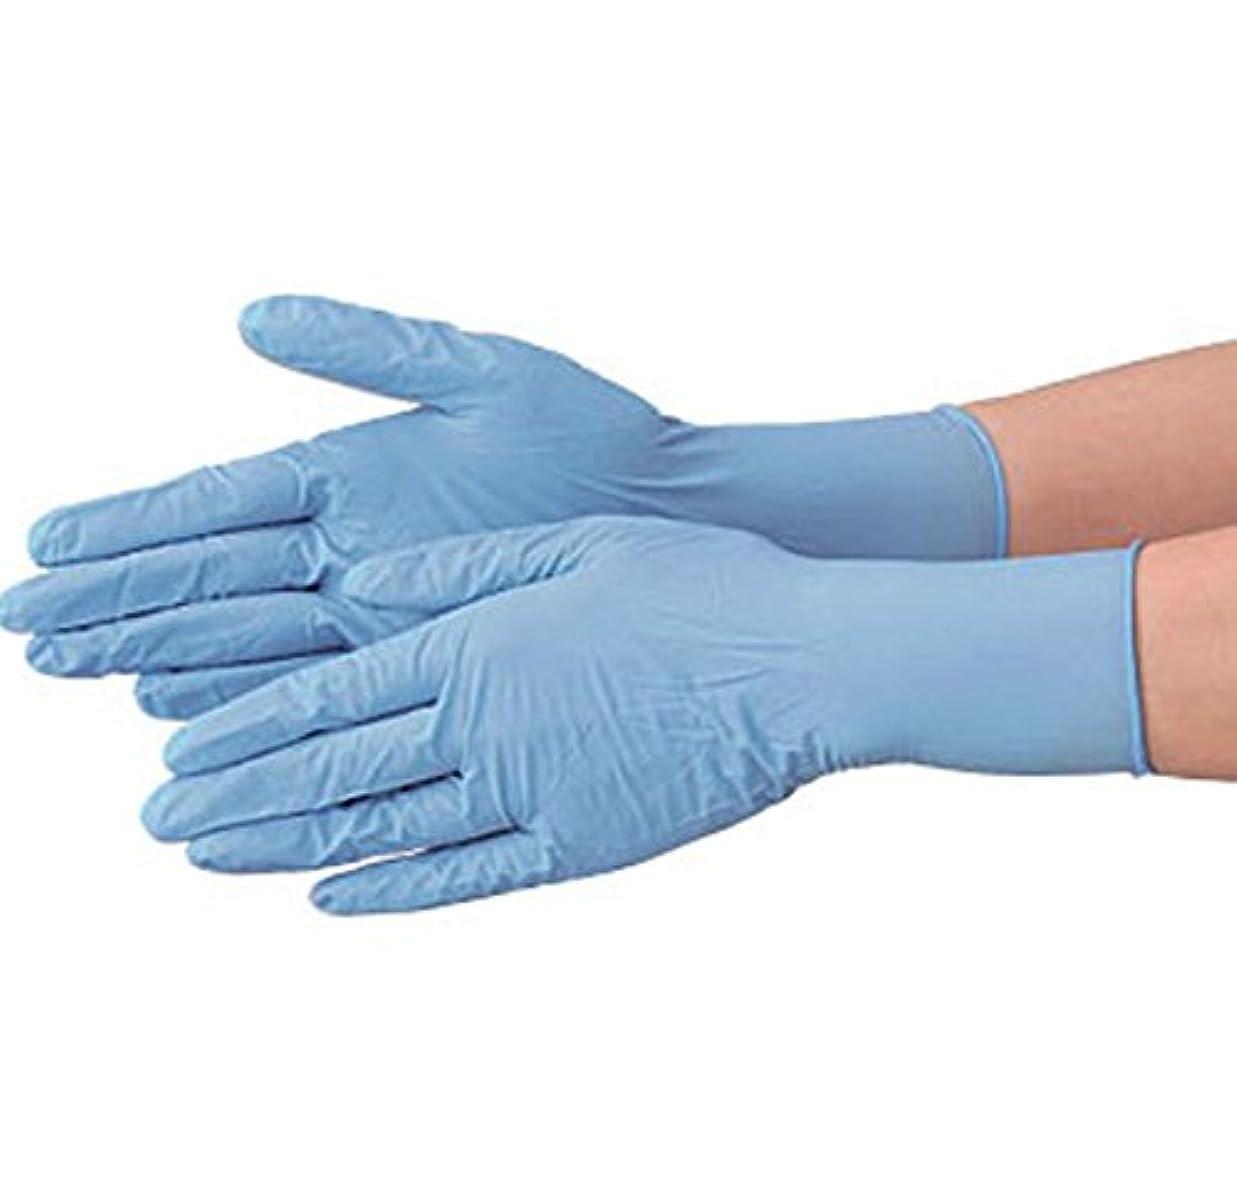 鮮やかなヶ月目ゆるい使い捨て 手袋 エブノ 526 ディスポニトリル パウダーフリー ホワイト Mサイズ 2ケース(100枚×40箱)